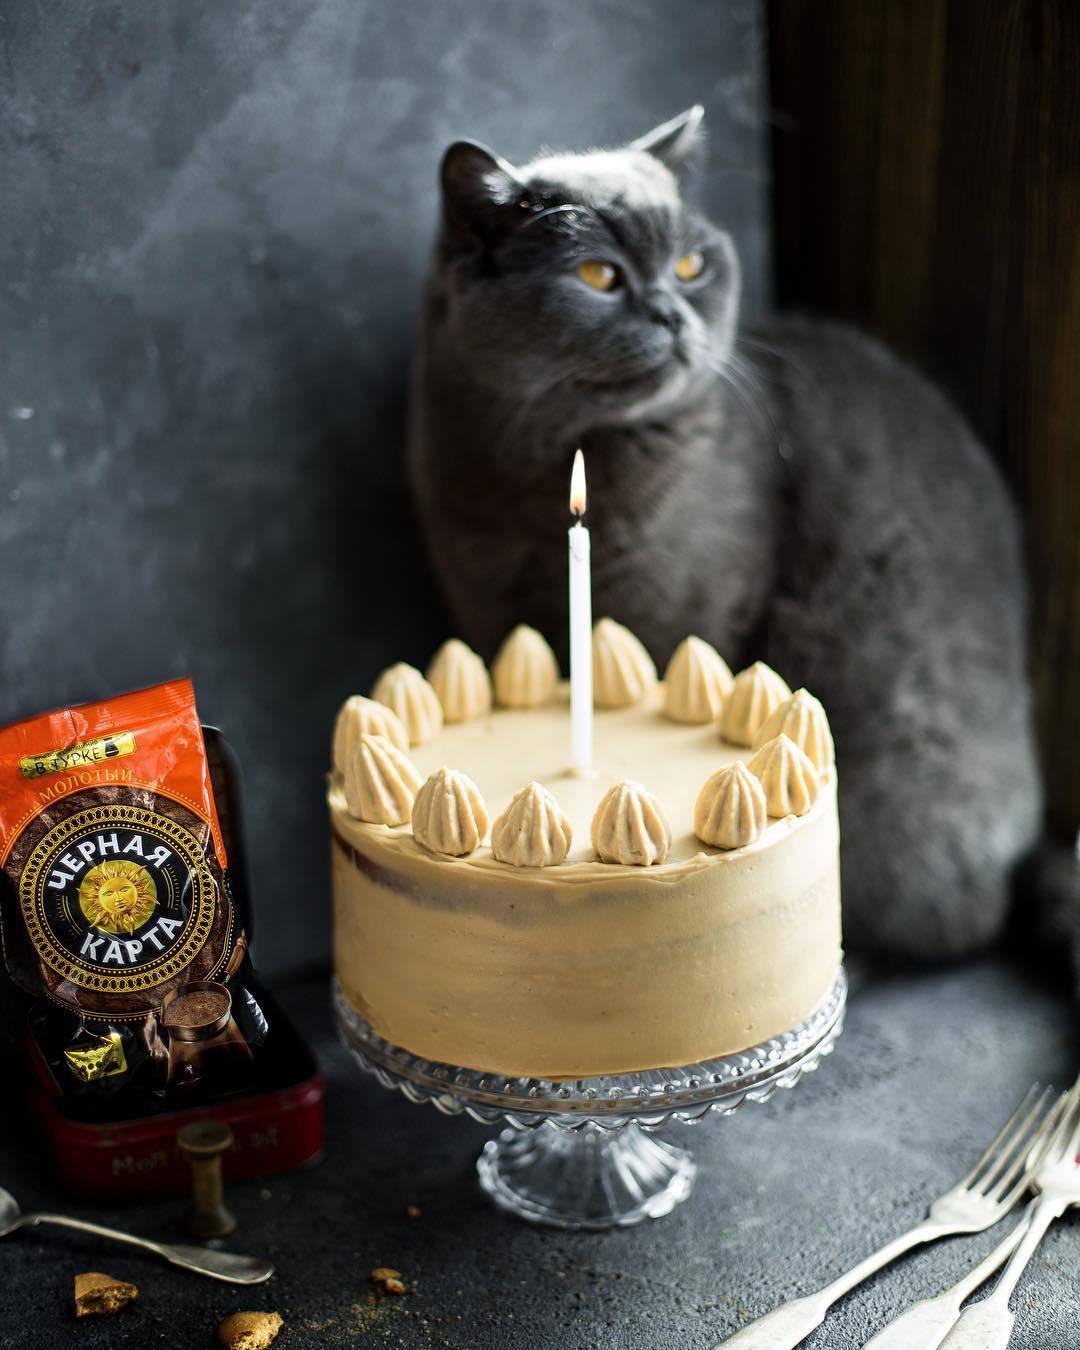 宠物-这位漂亮的美女蛋糕师,让猫咪来为蛋糕代言,将平淡无奇的蛋糕化腐朽为神奇(56)